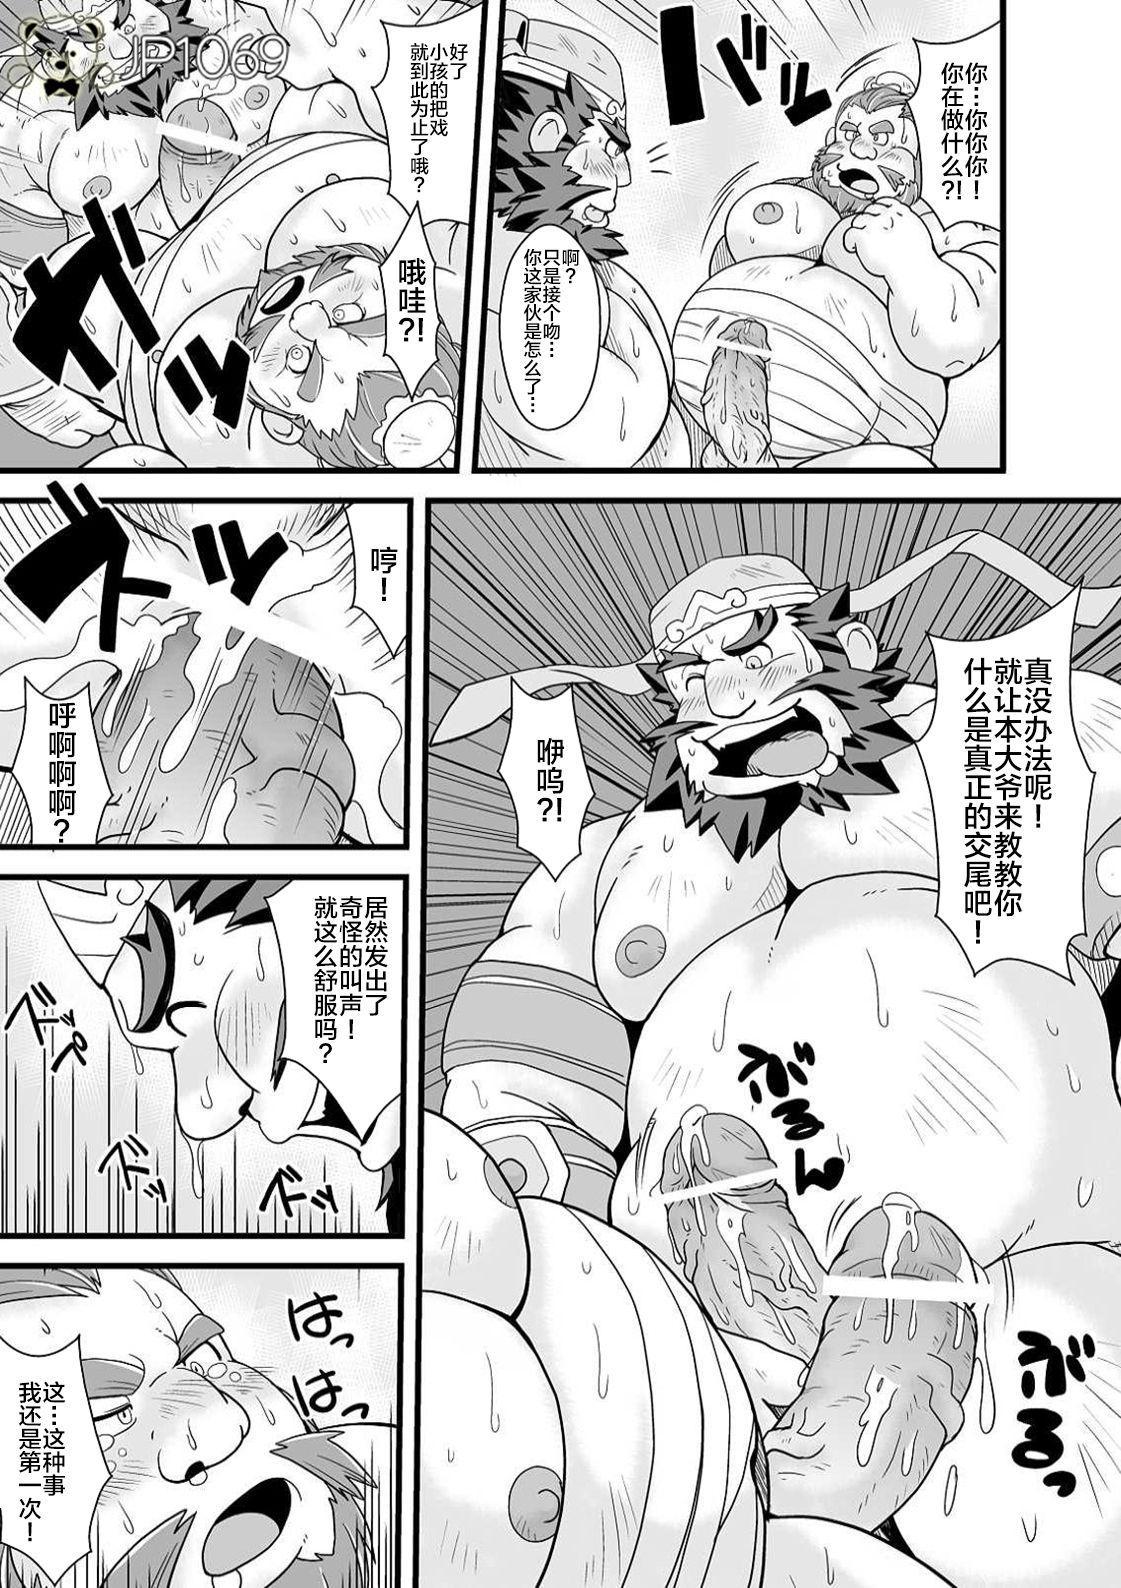 Chouhi! Kikiippatsu! 16